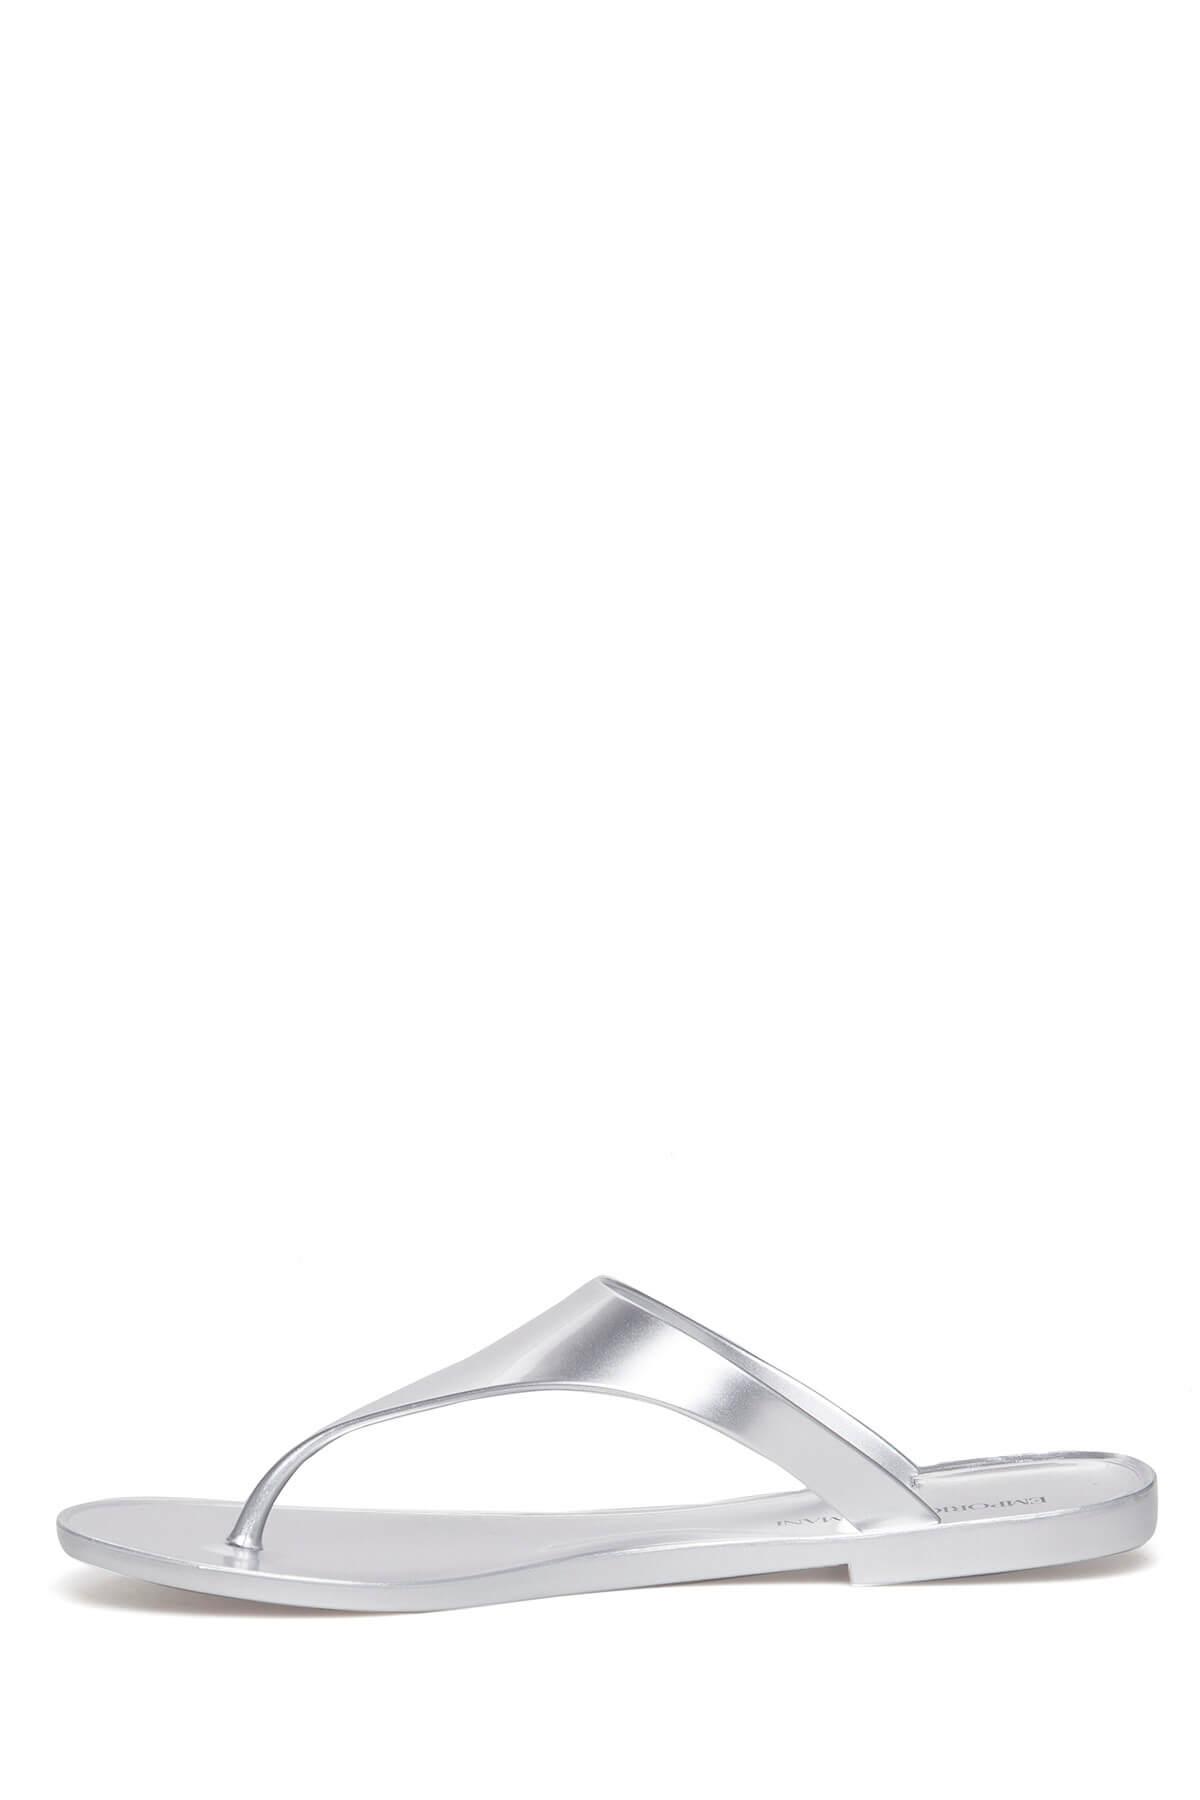 Emporio Armani Gümüş Kadın Terlik X3Q058 Xd134 00520 2